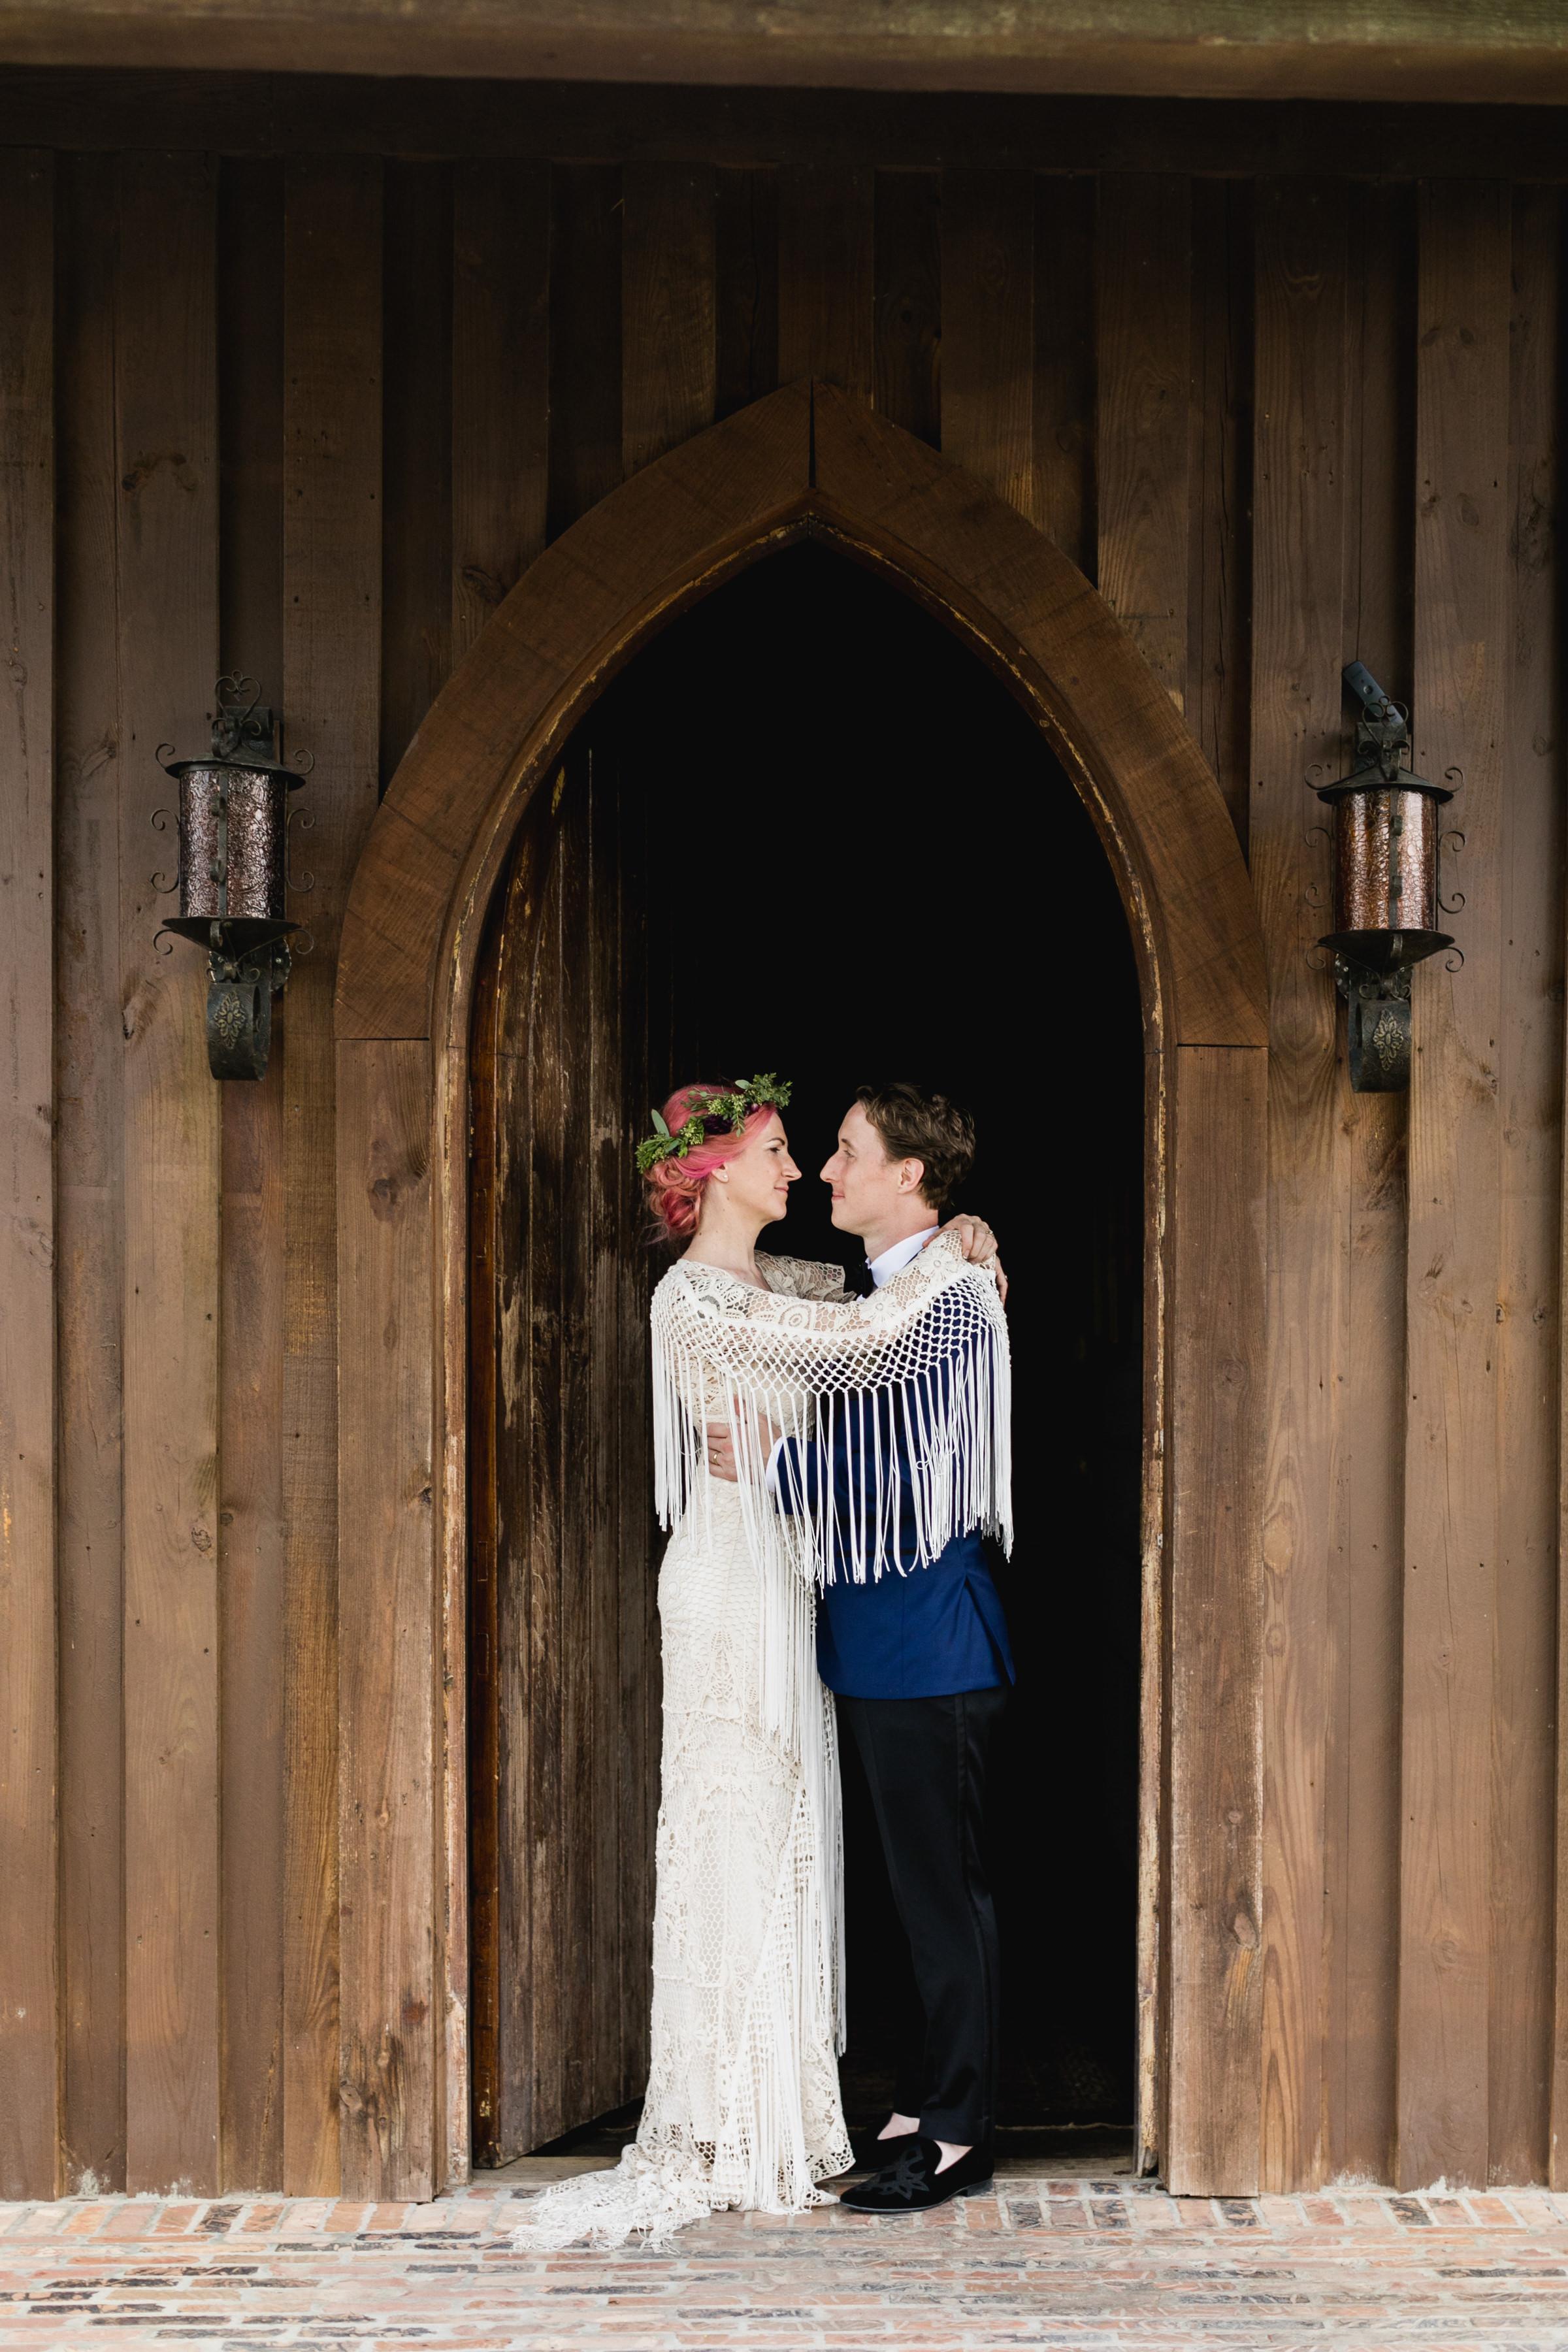 WEDDINGSARA&THOM - A Bohemian meets Glam Wedding on a Georgia Horse Farm